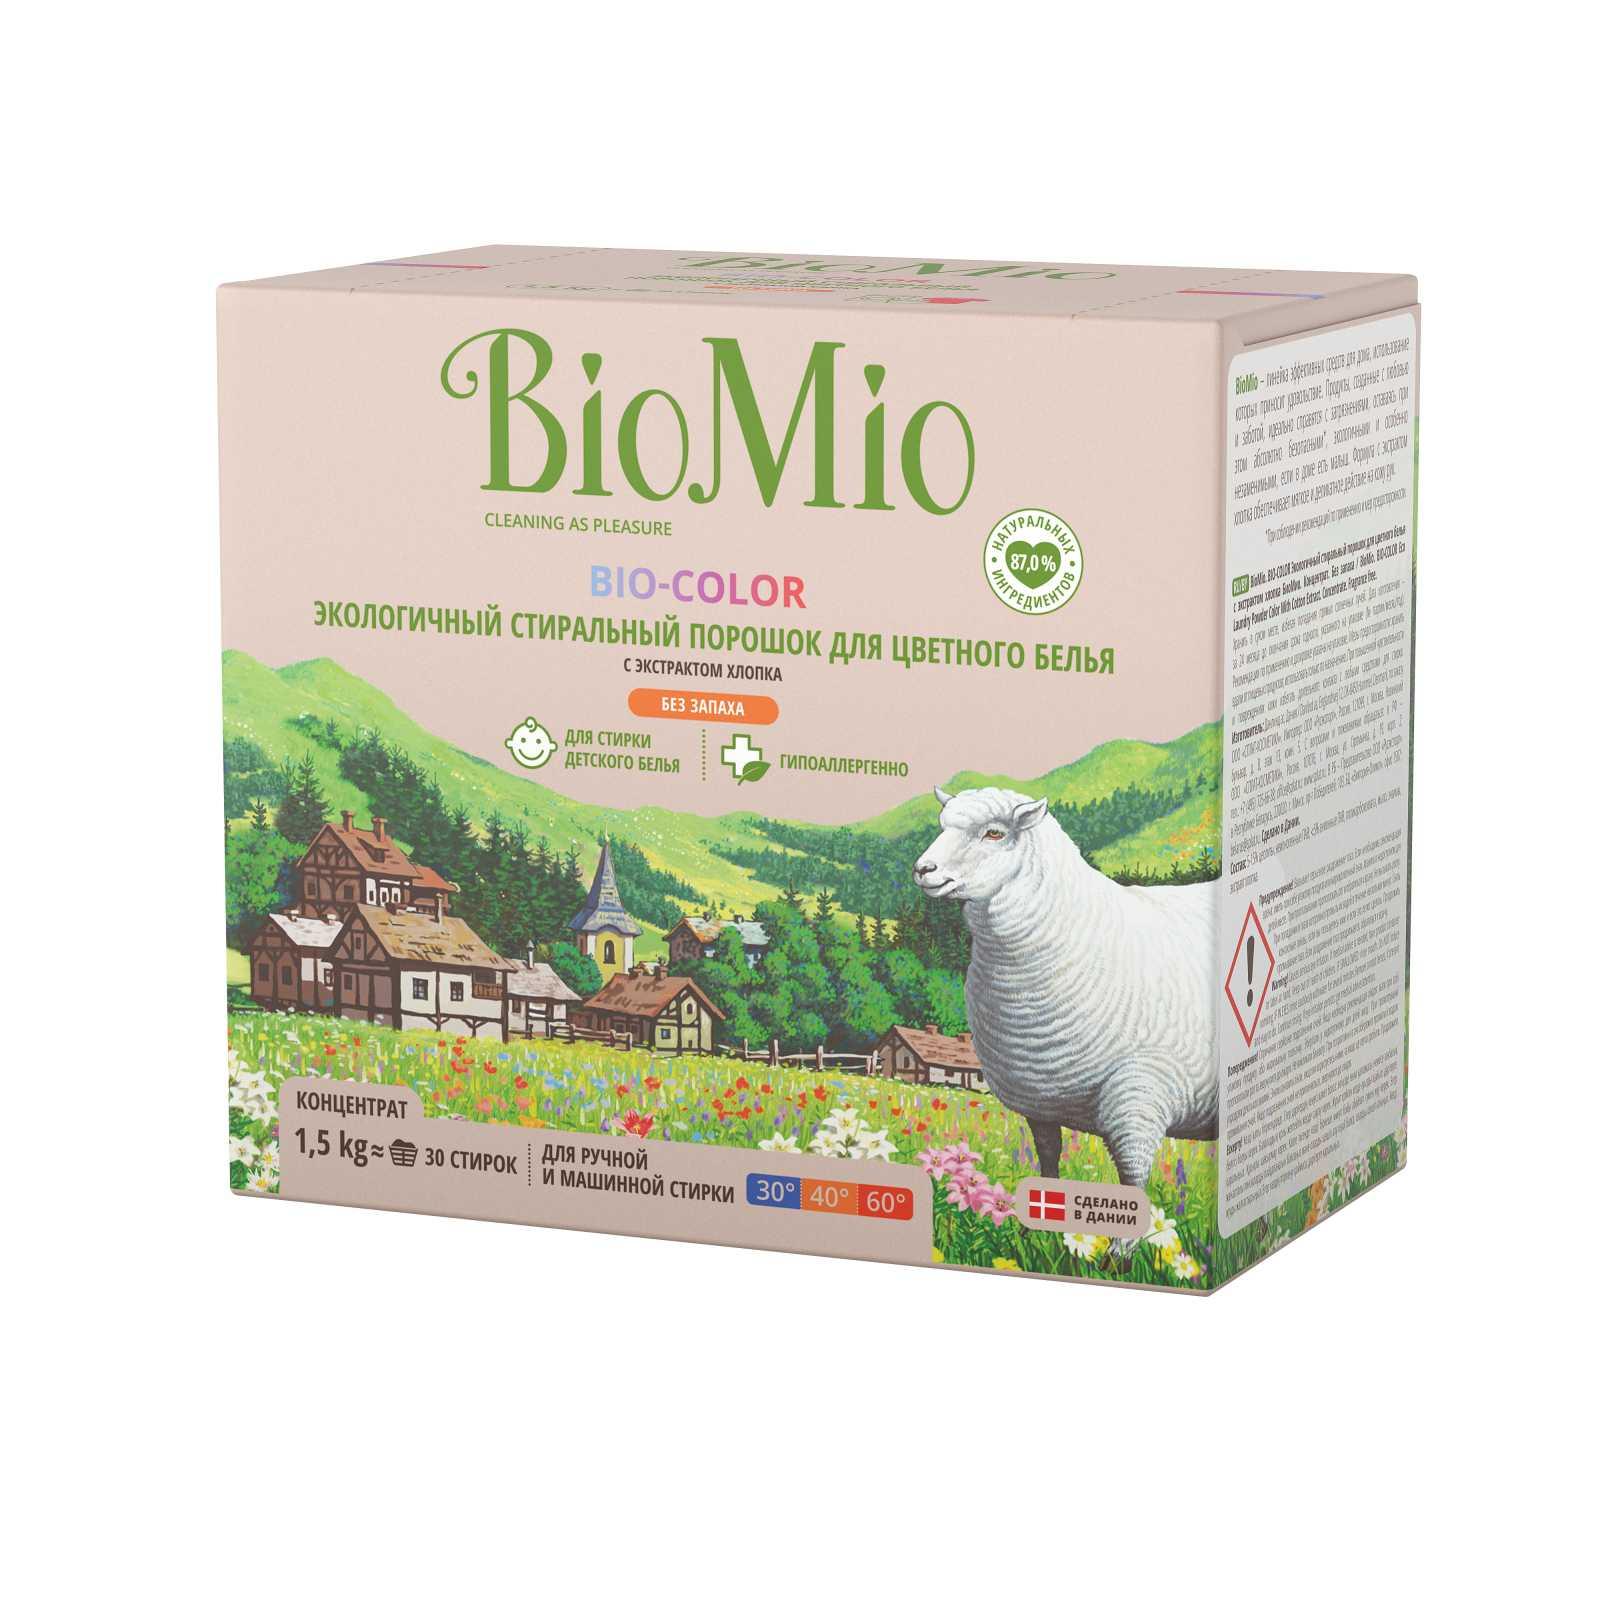 Онлайн каталог PROMENU: Экологичный гипоаллергенный стиральный порошок для цветного белья BioMio Bio-Color, концентрат 30 стирок / 1.5 кг. (1509-02-03)  004635/1509-02-03